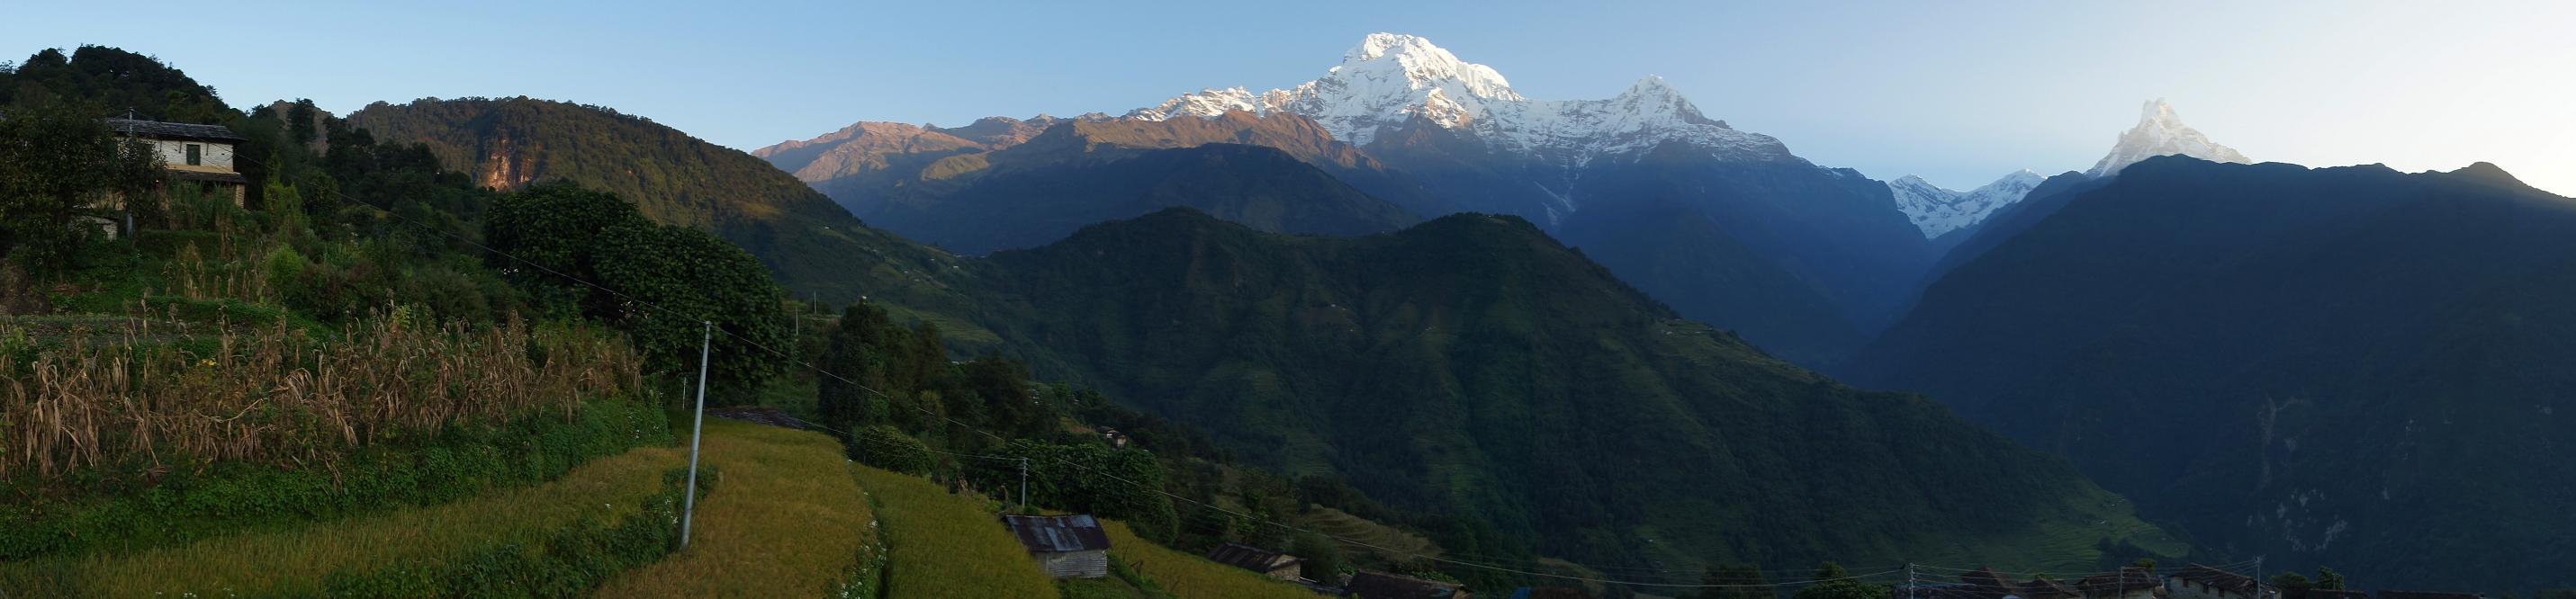 1006_Nepal_016